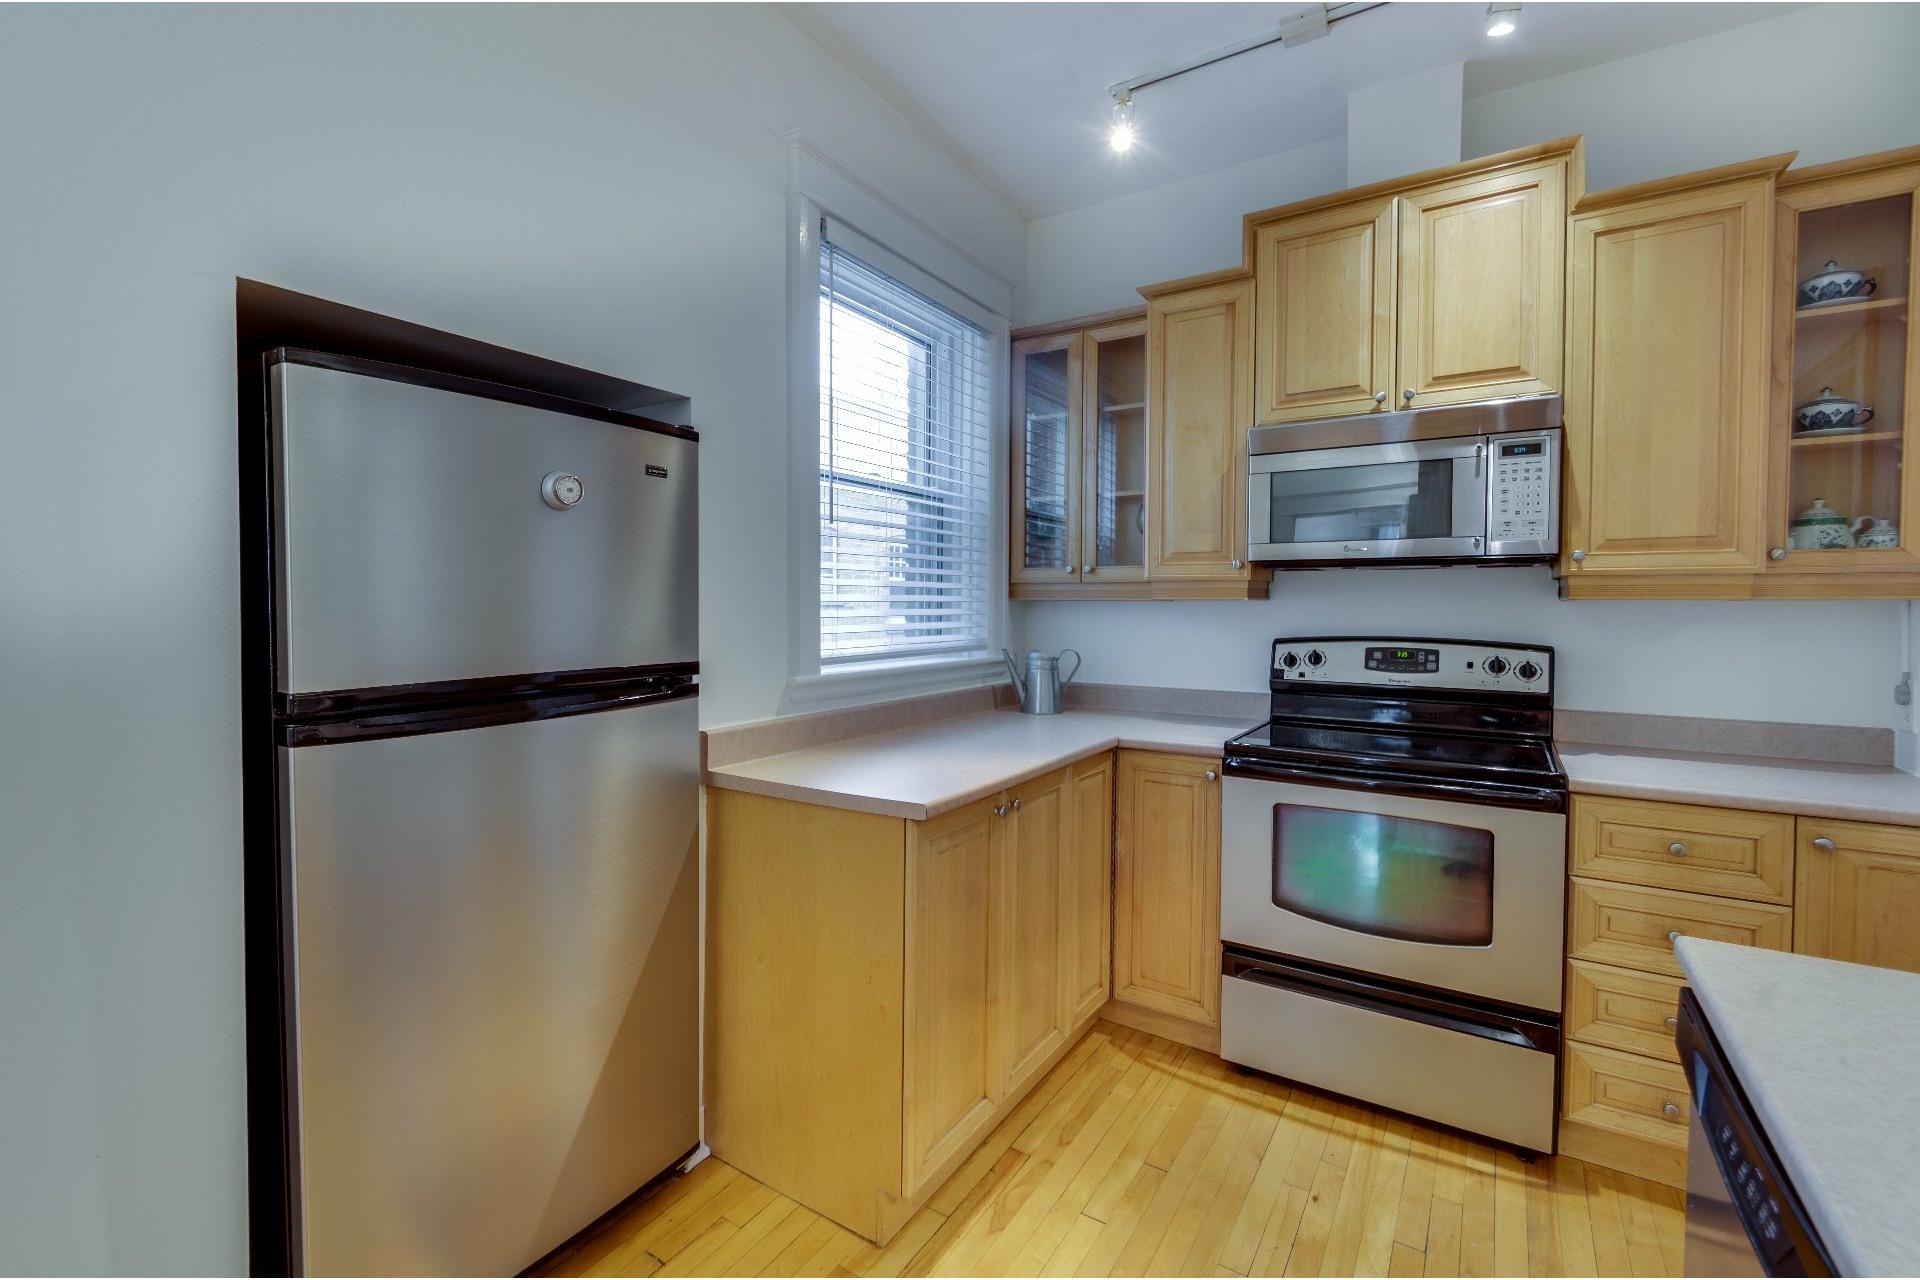 image 5 - Apartment For sale Côte-des-Neiges/Notre-Dame-de-Grâce Montréal  - 7 rooms